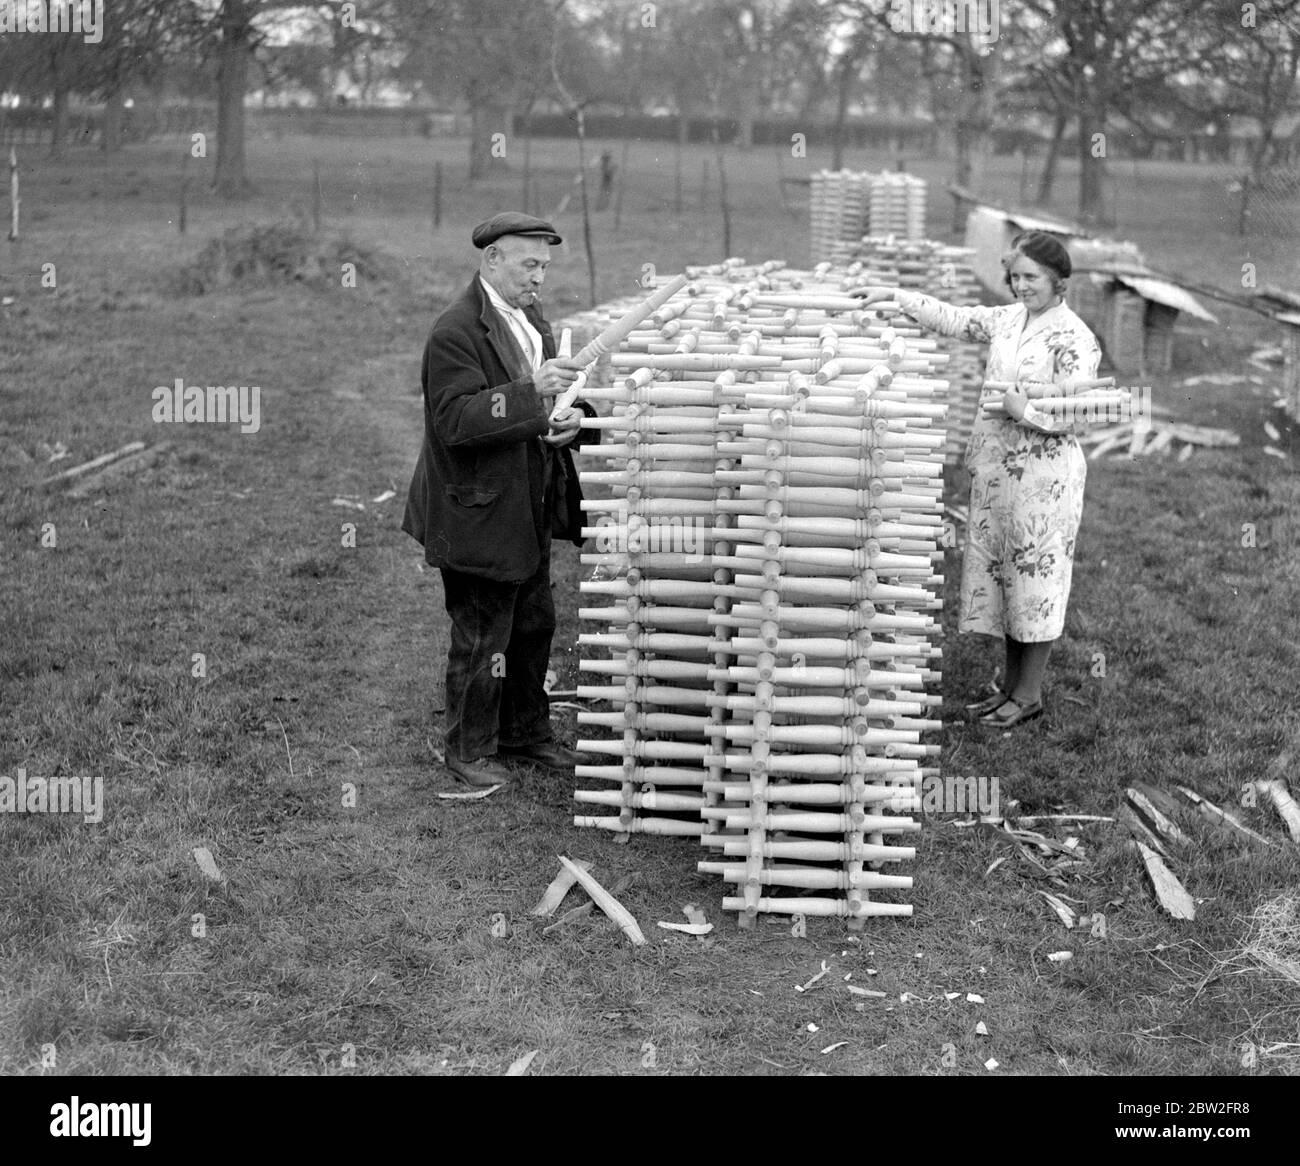 Una industria primitiva. Una de las industrias más antiguas de este país se lleva a cabo en los bosques de High Wycombe, Bucks, donde desde hace cientos de años, patas de silla, ganchos de tienda, etc, se han hecho por las manos, los árboles que se talan y se dividen y se dan vuelta sin la ayuda de maquinaria. Febrero de 1934 Foto de stock